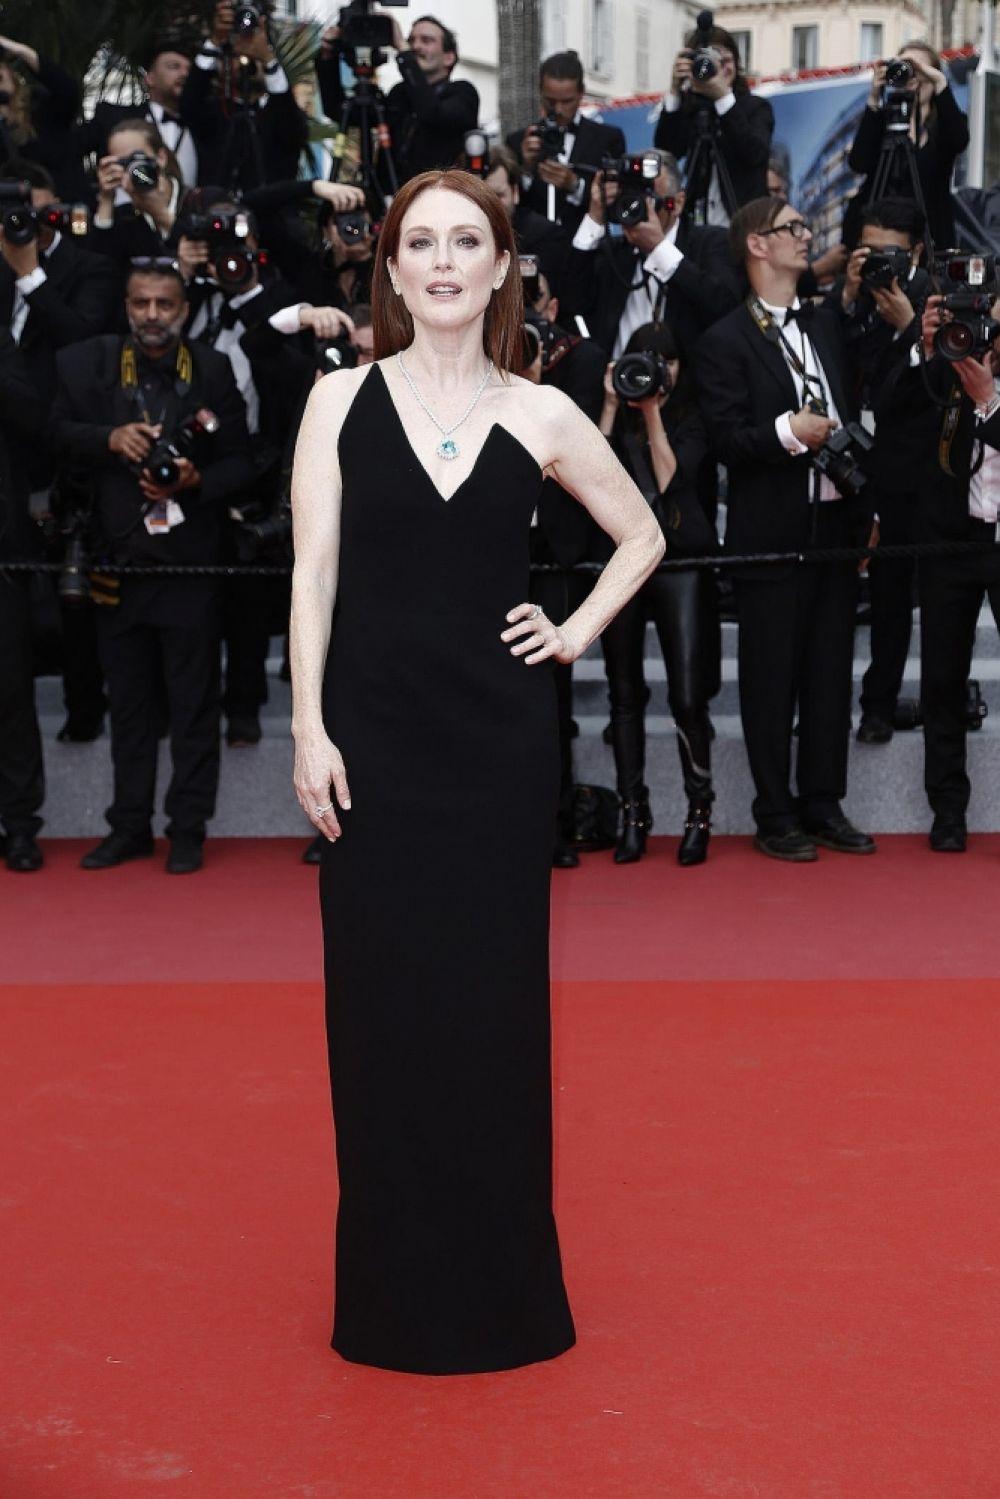 """Начнем мы нашу фотогалерею с """"битвы двух декольте"""" - актриса Джулианна Мур затмила на красной дорожке всех своим классическим черным платьем с декольте."""